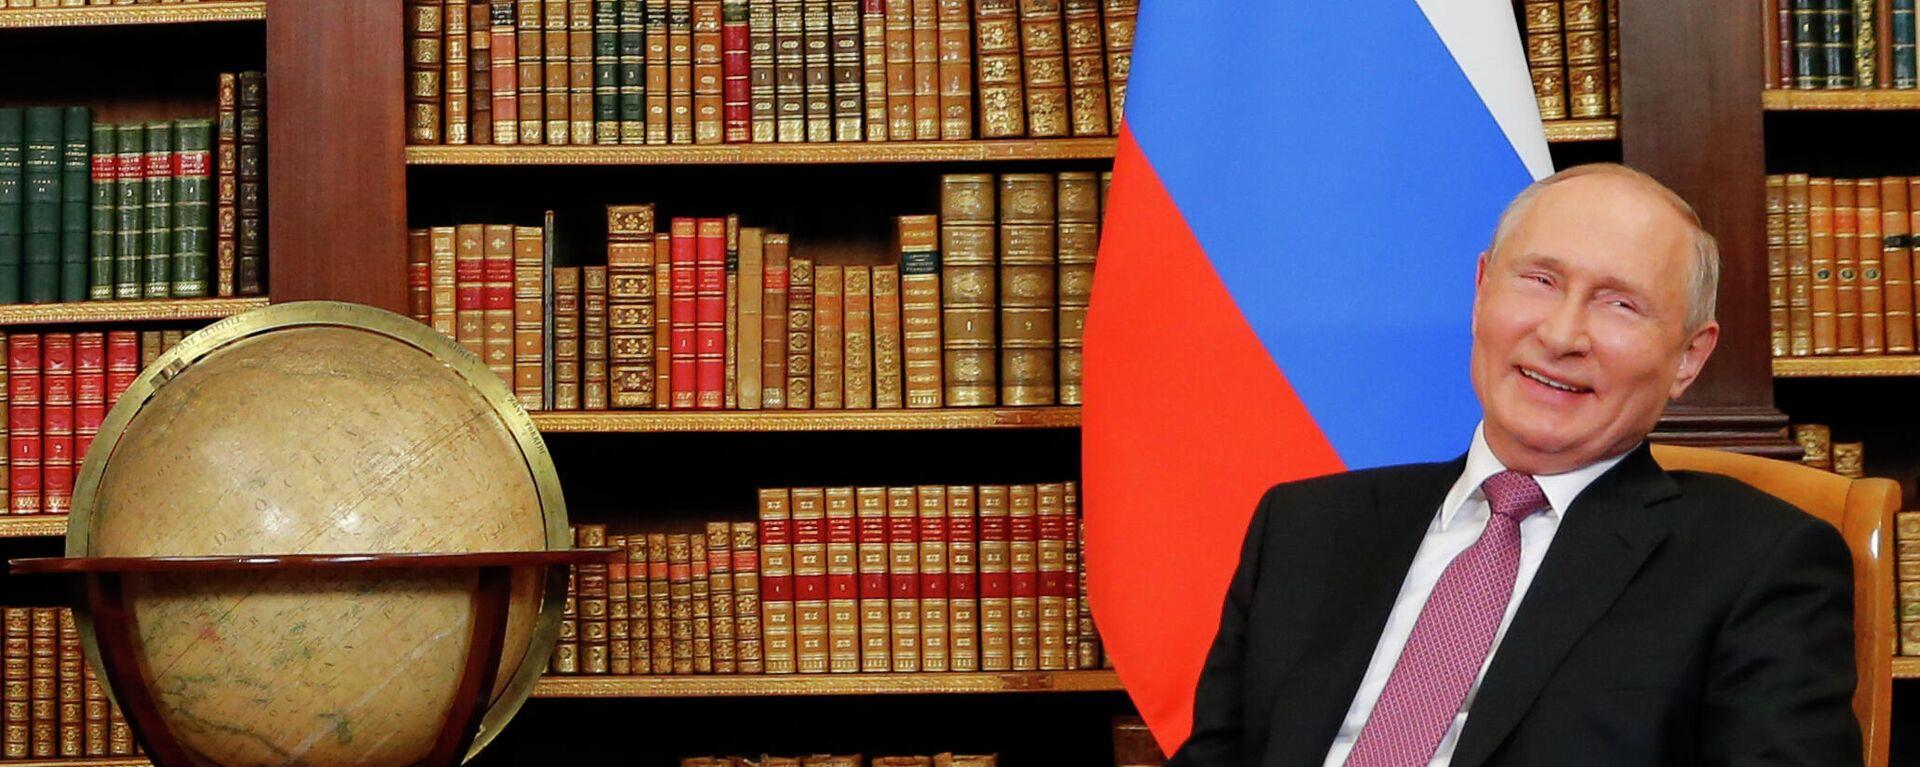 Реакция президента России Владимира Путина во время встречи на высшем уровне США и России с президентом США Джо Байденом - Sputnik Таджикистан, 1920, 18.06.2021